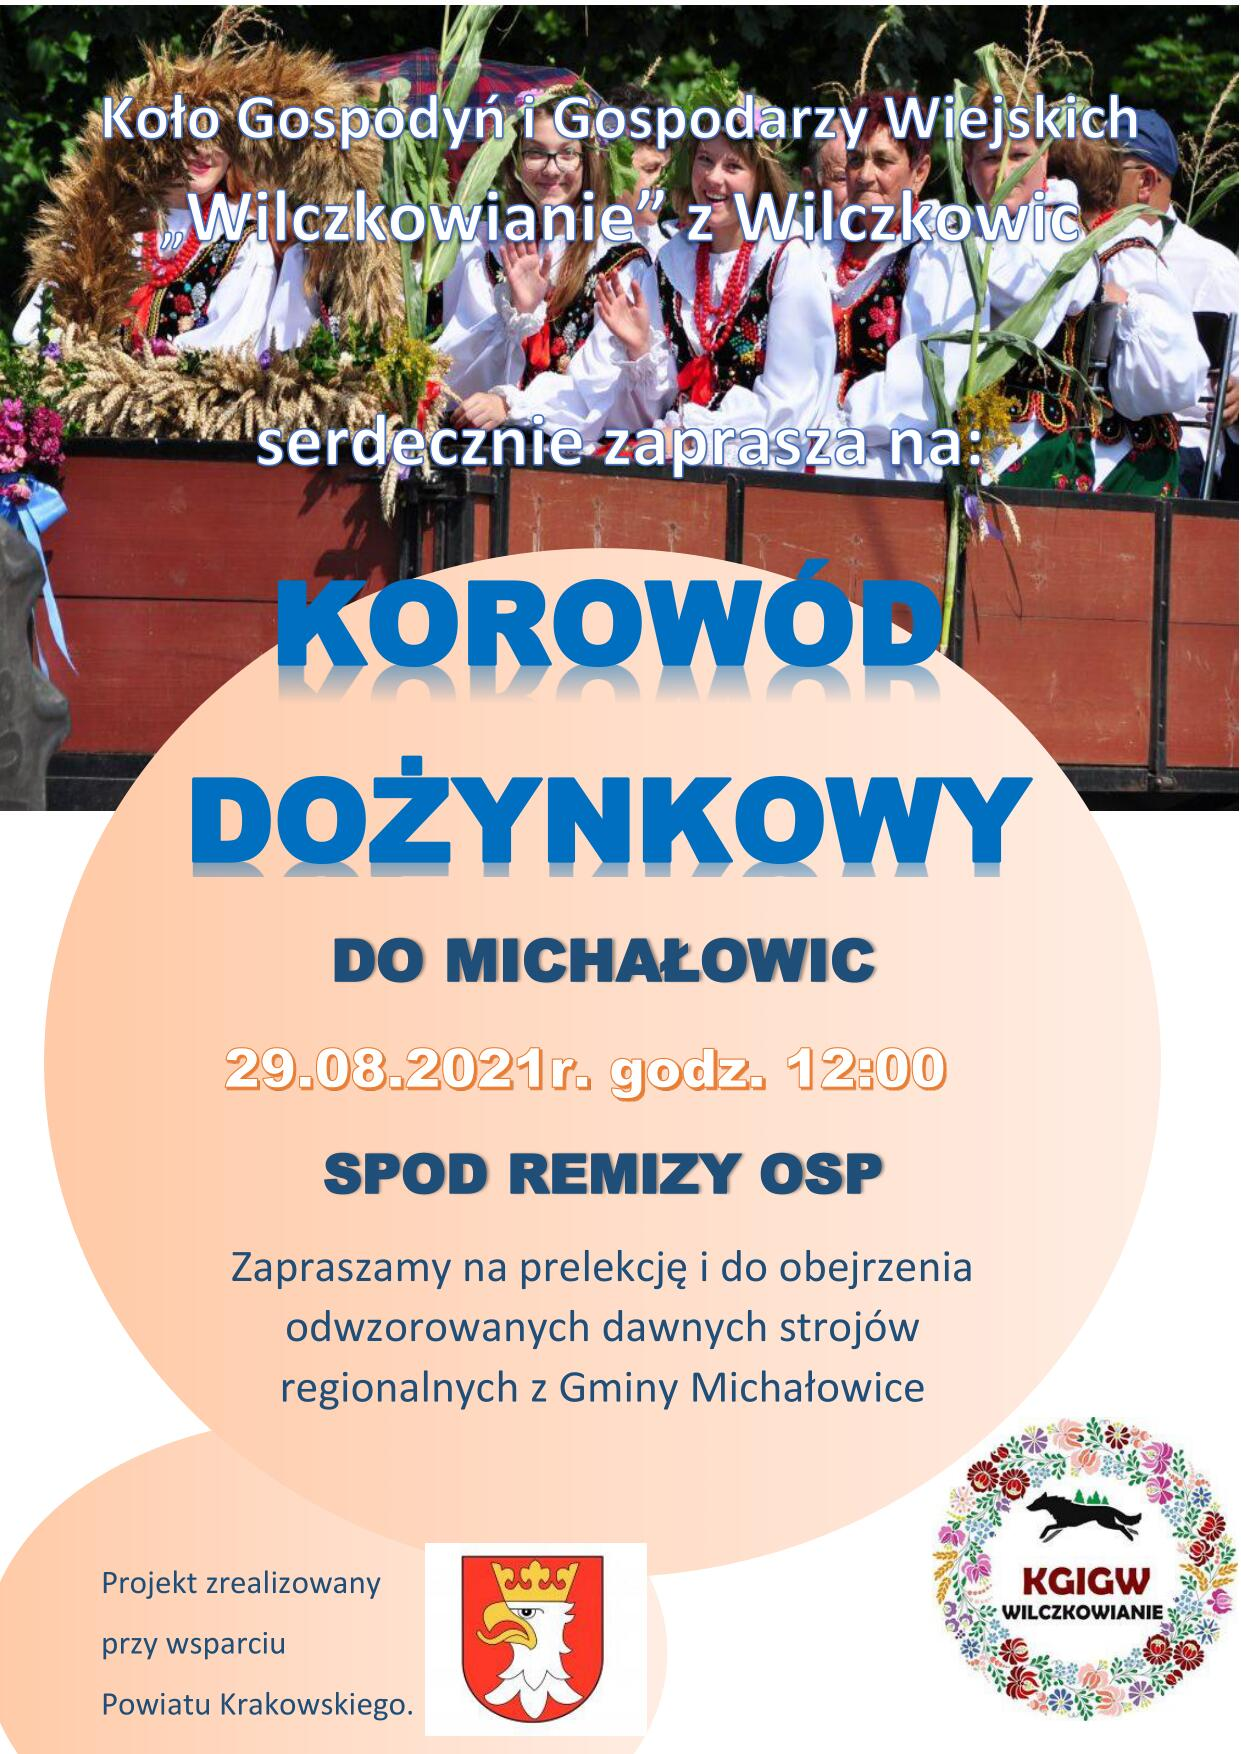 Korowód Dożynkowy do Michałowic